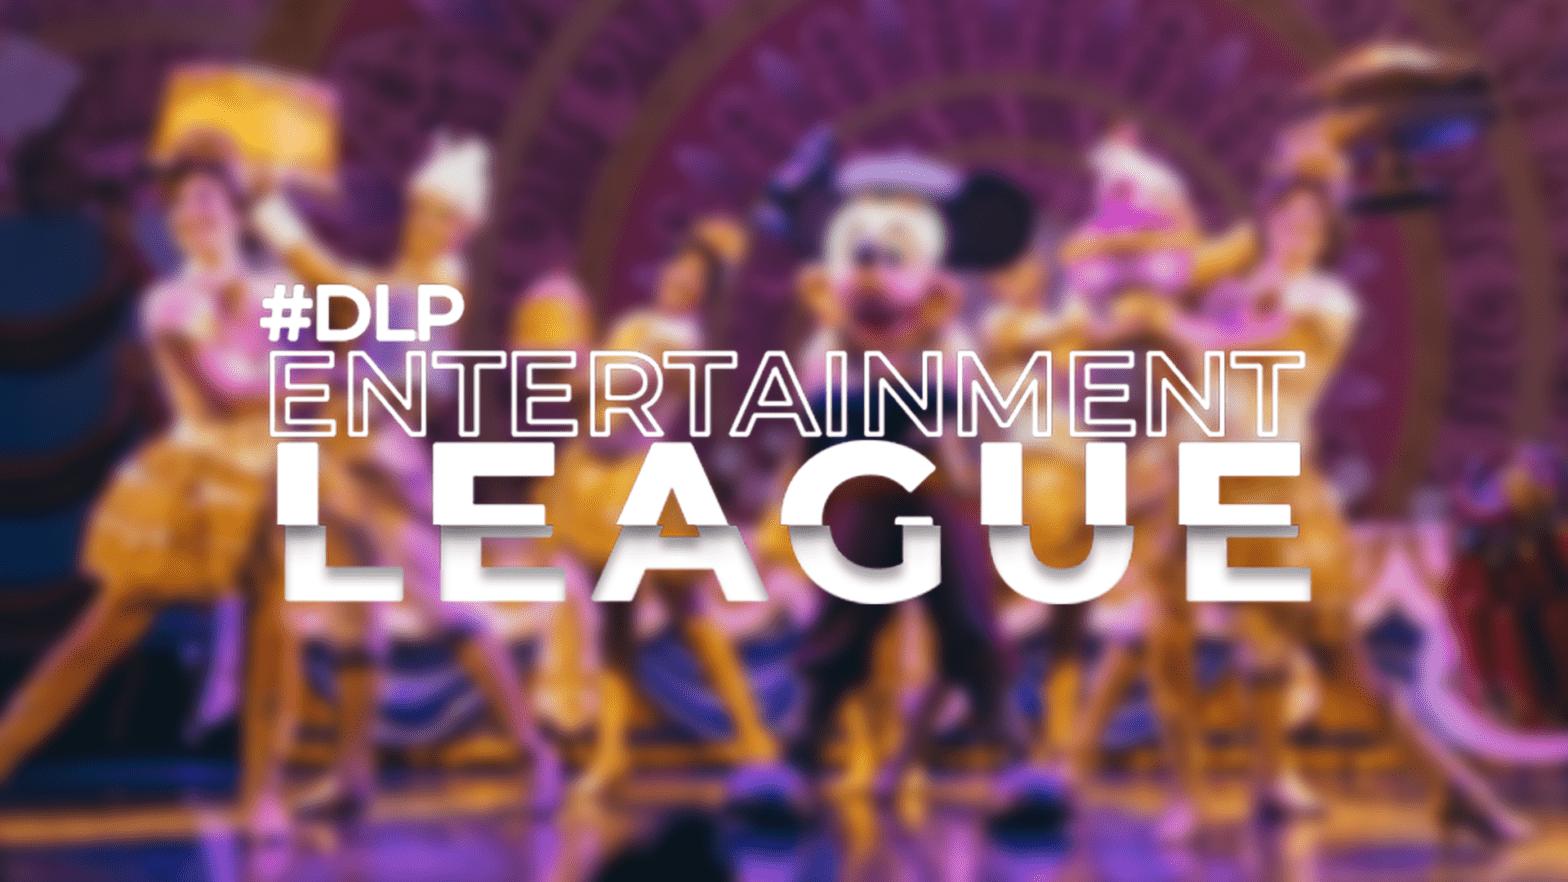 #DLPEntertainmentLeague - Logo